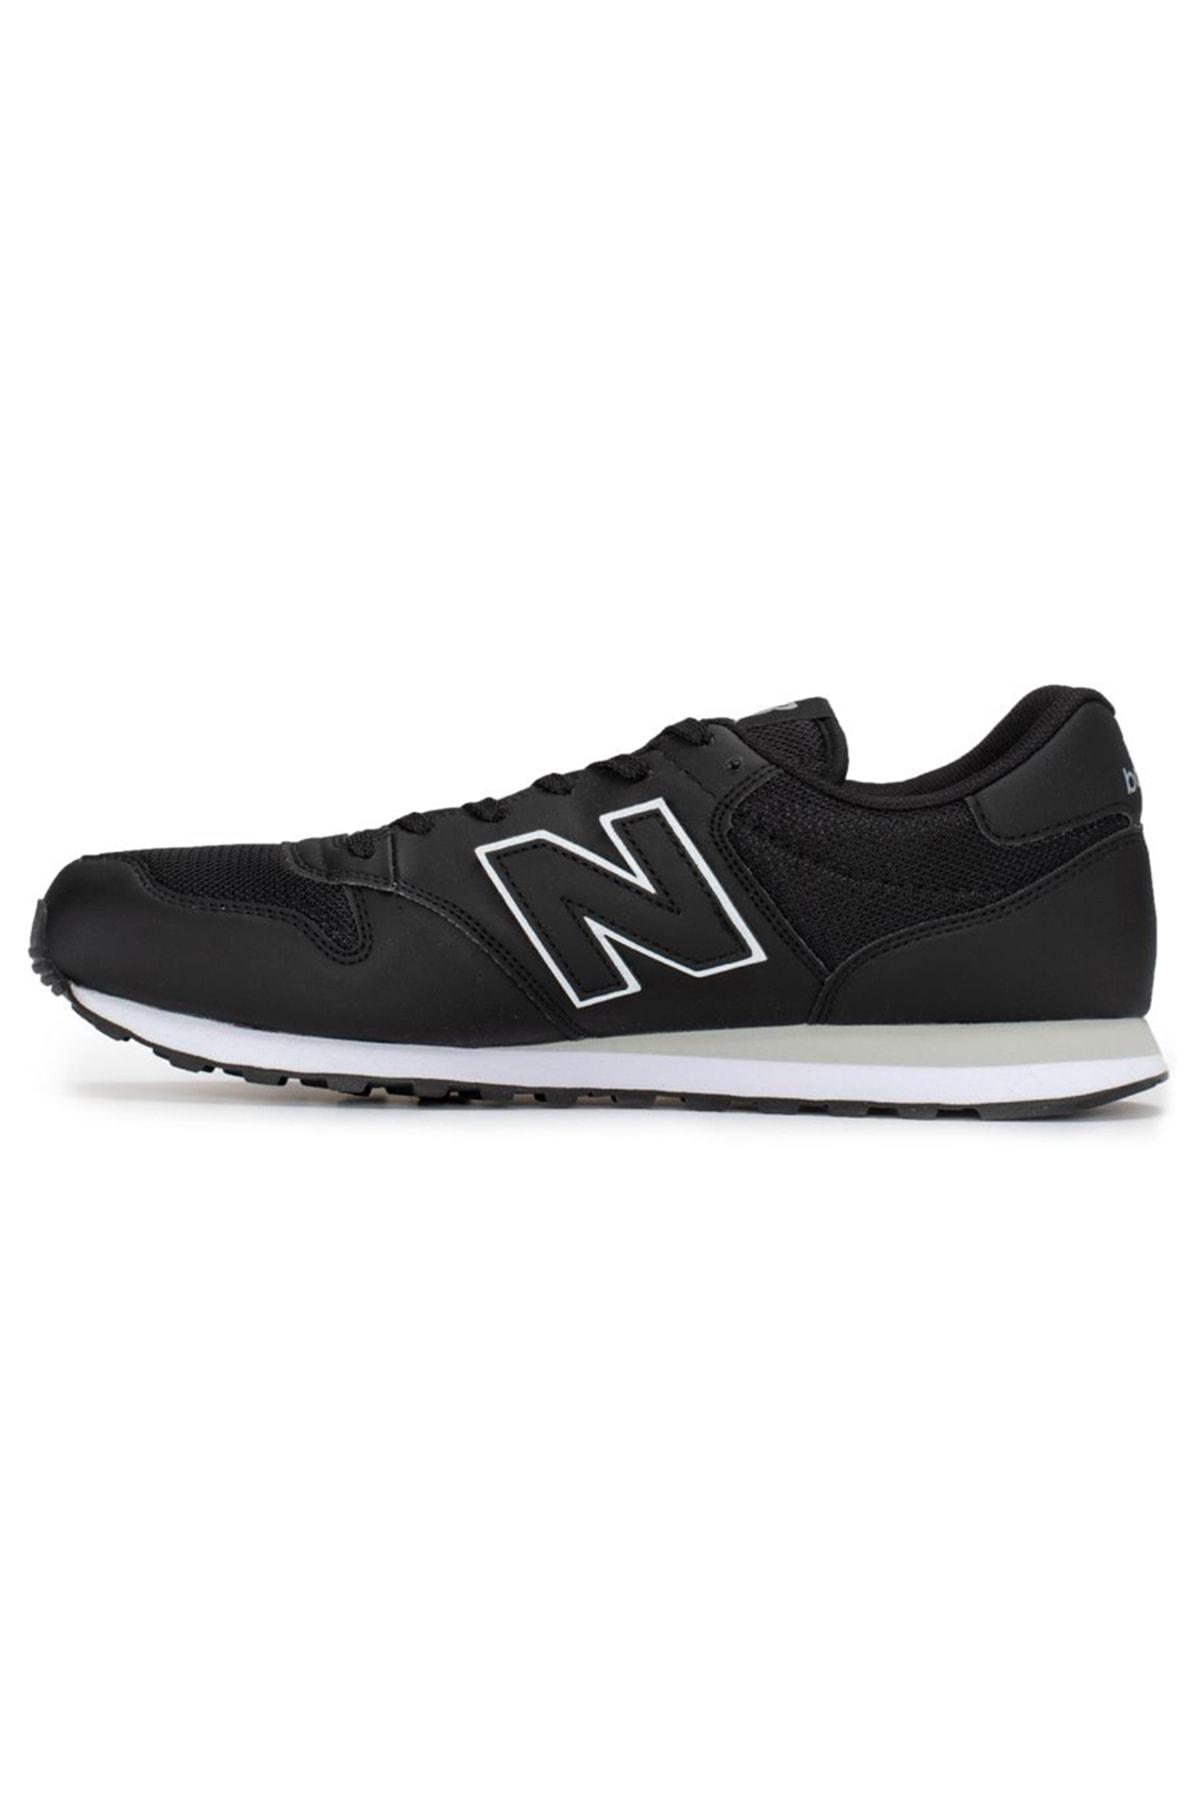 New Balance Erkek Yürüyüş Ayakkabısı - 500 - GM500NBL 2